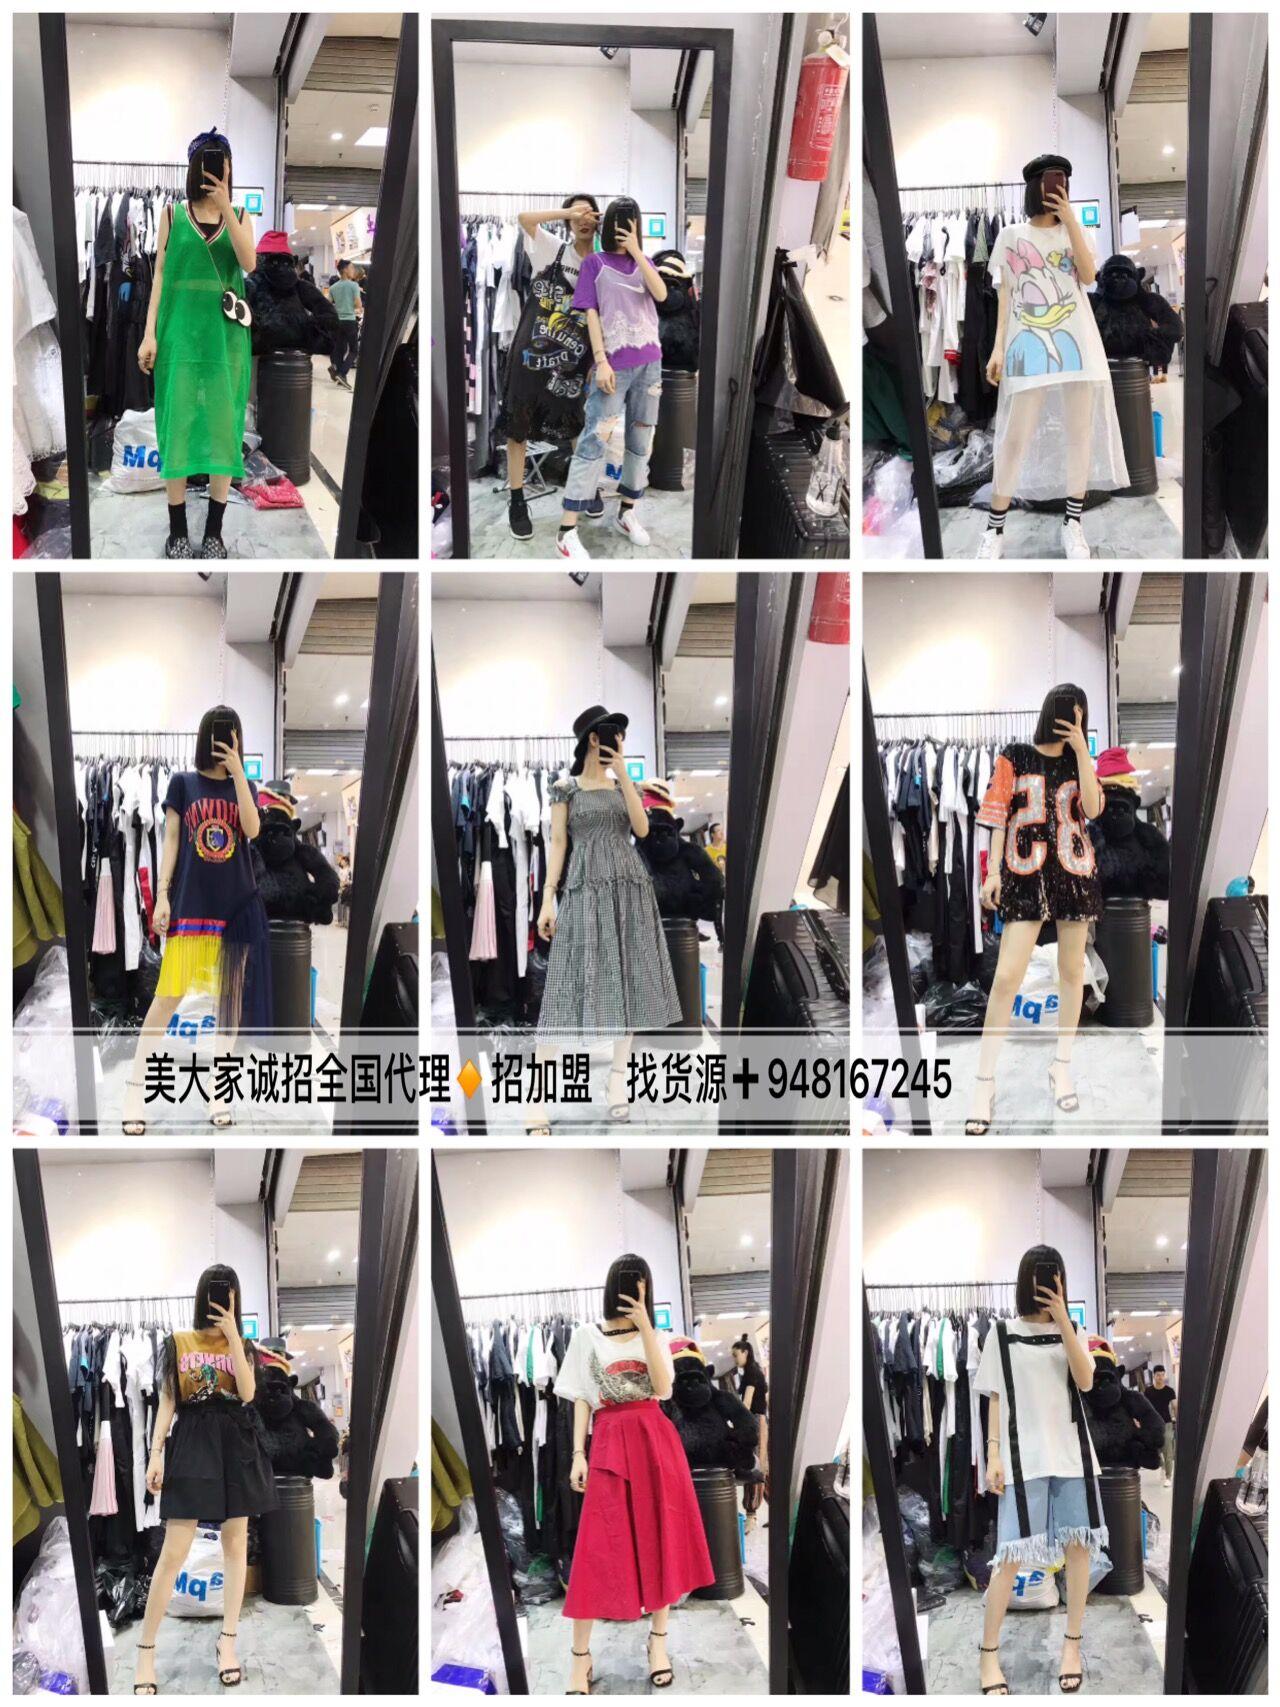 这是第10张女装欧美日韩泰国多种款式选择的货源图片